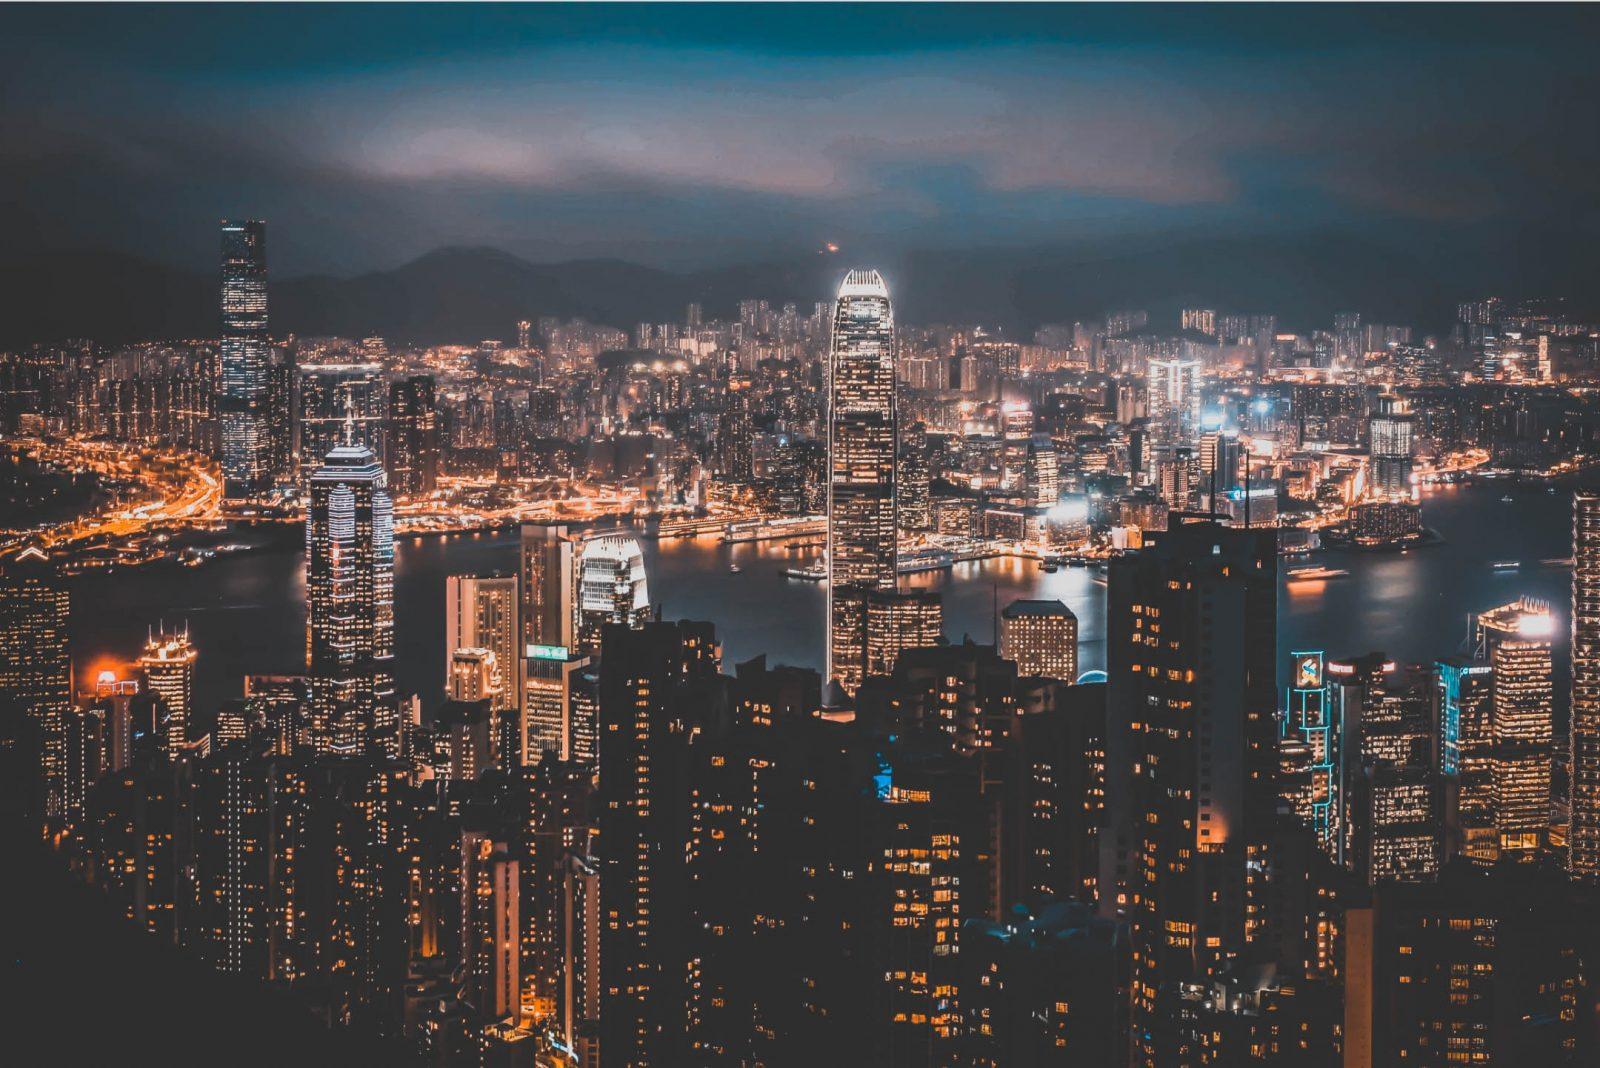 Hong Kong and U.S. Relations Examined